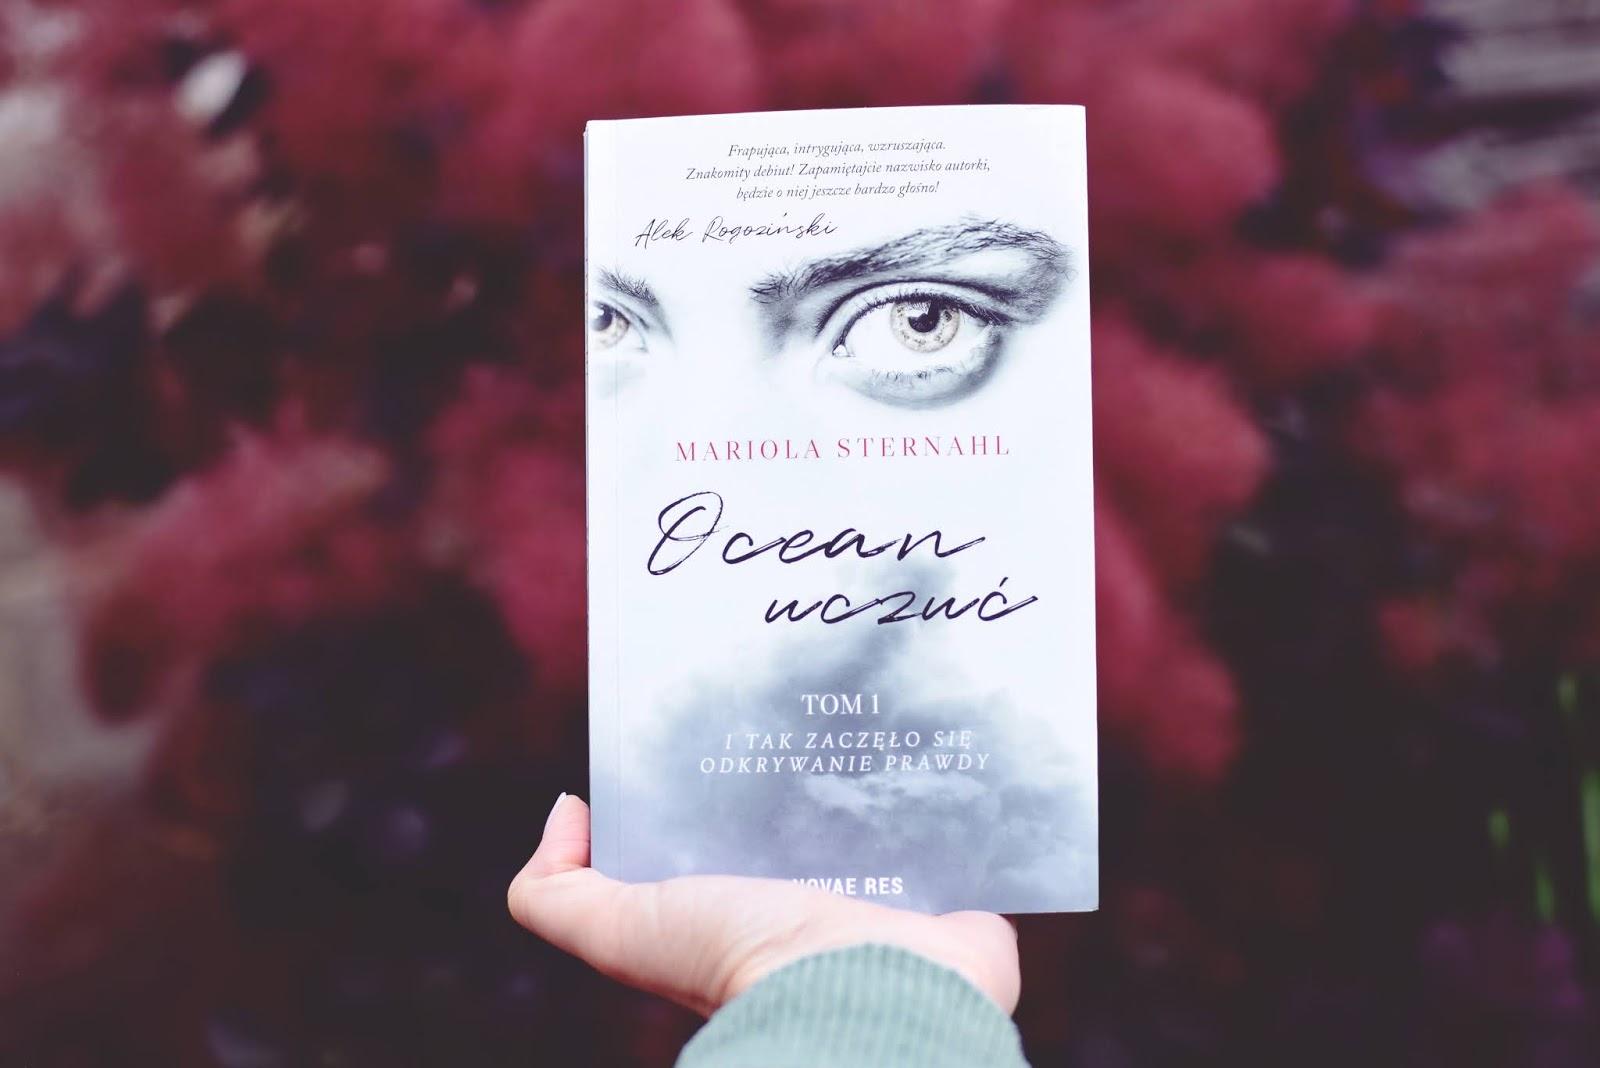 lęki, MariolaSternahl, OceanUczuć, opowiadanie, powieśćobyczajowa, recenzja, romans, WydawnictwoNovaeRes,